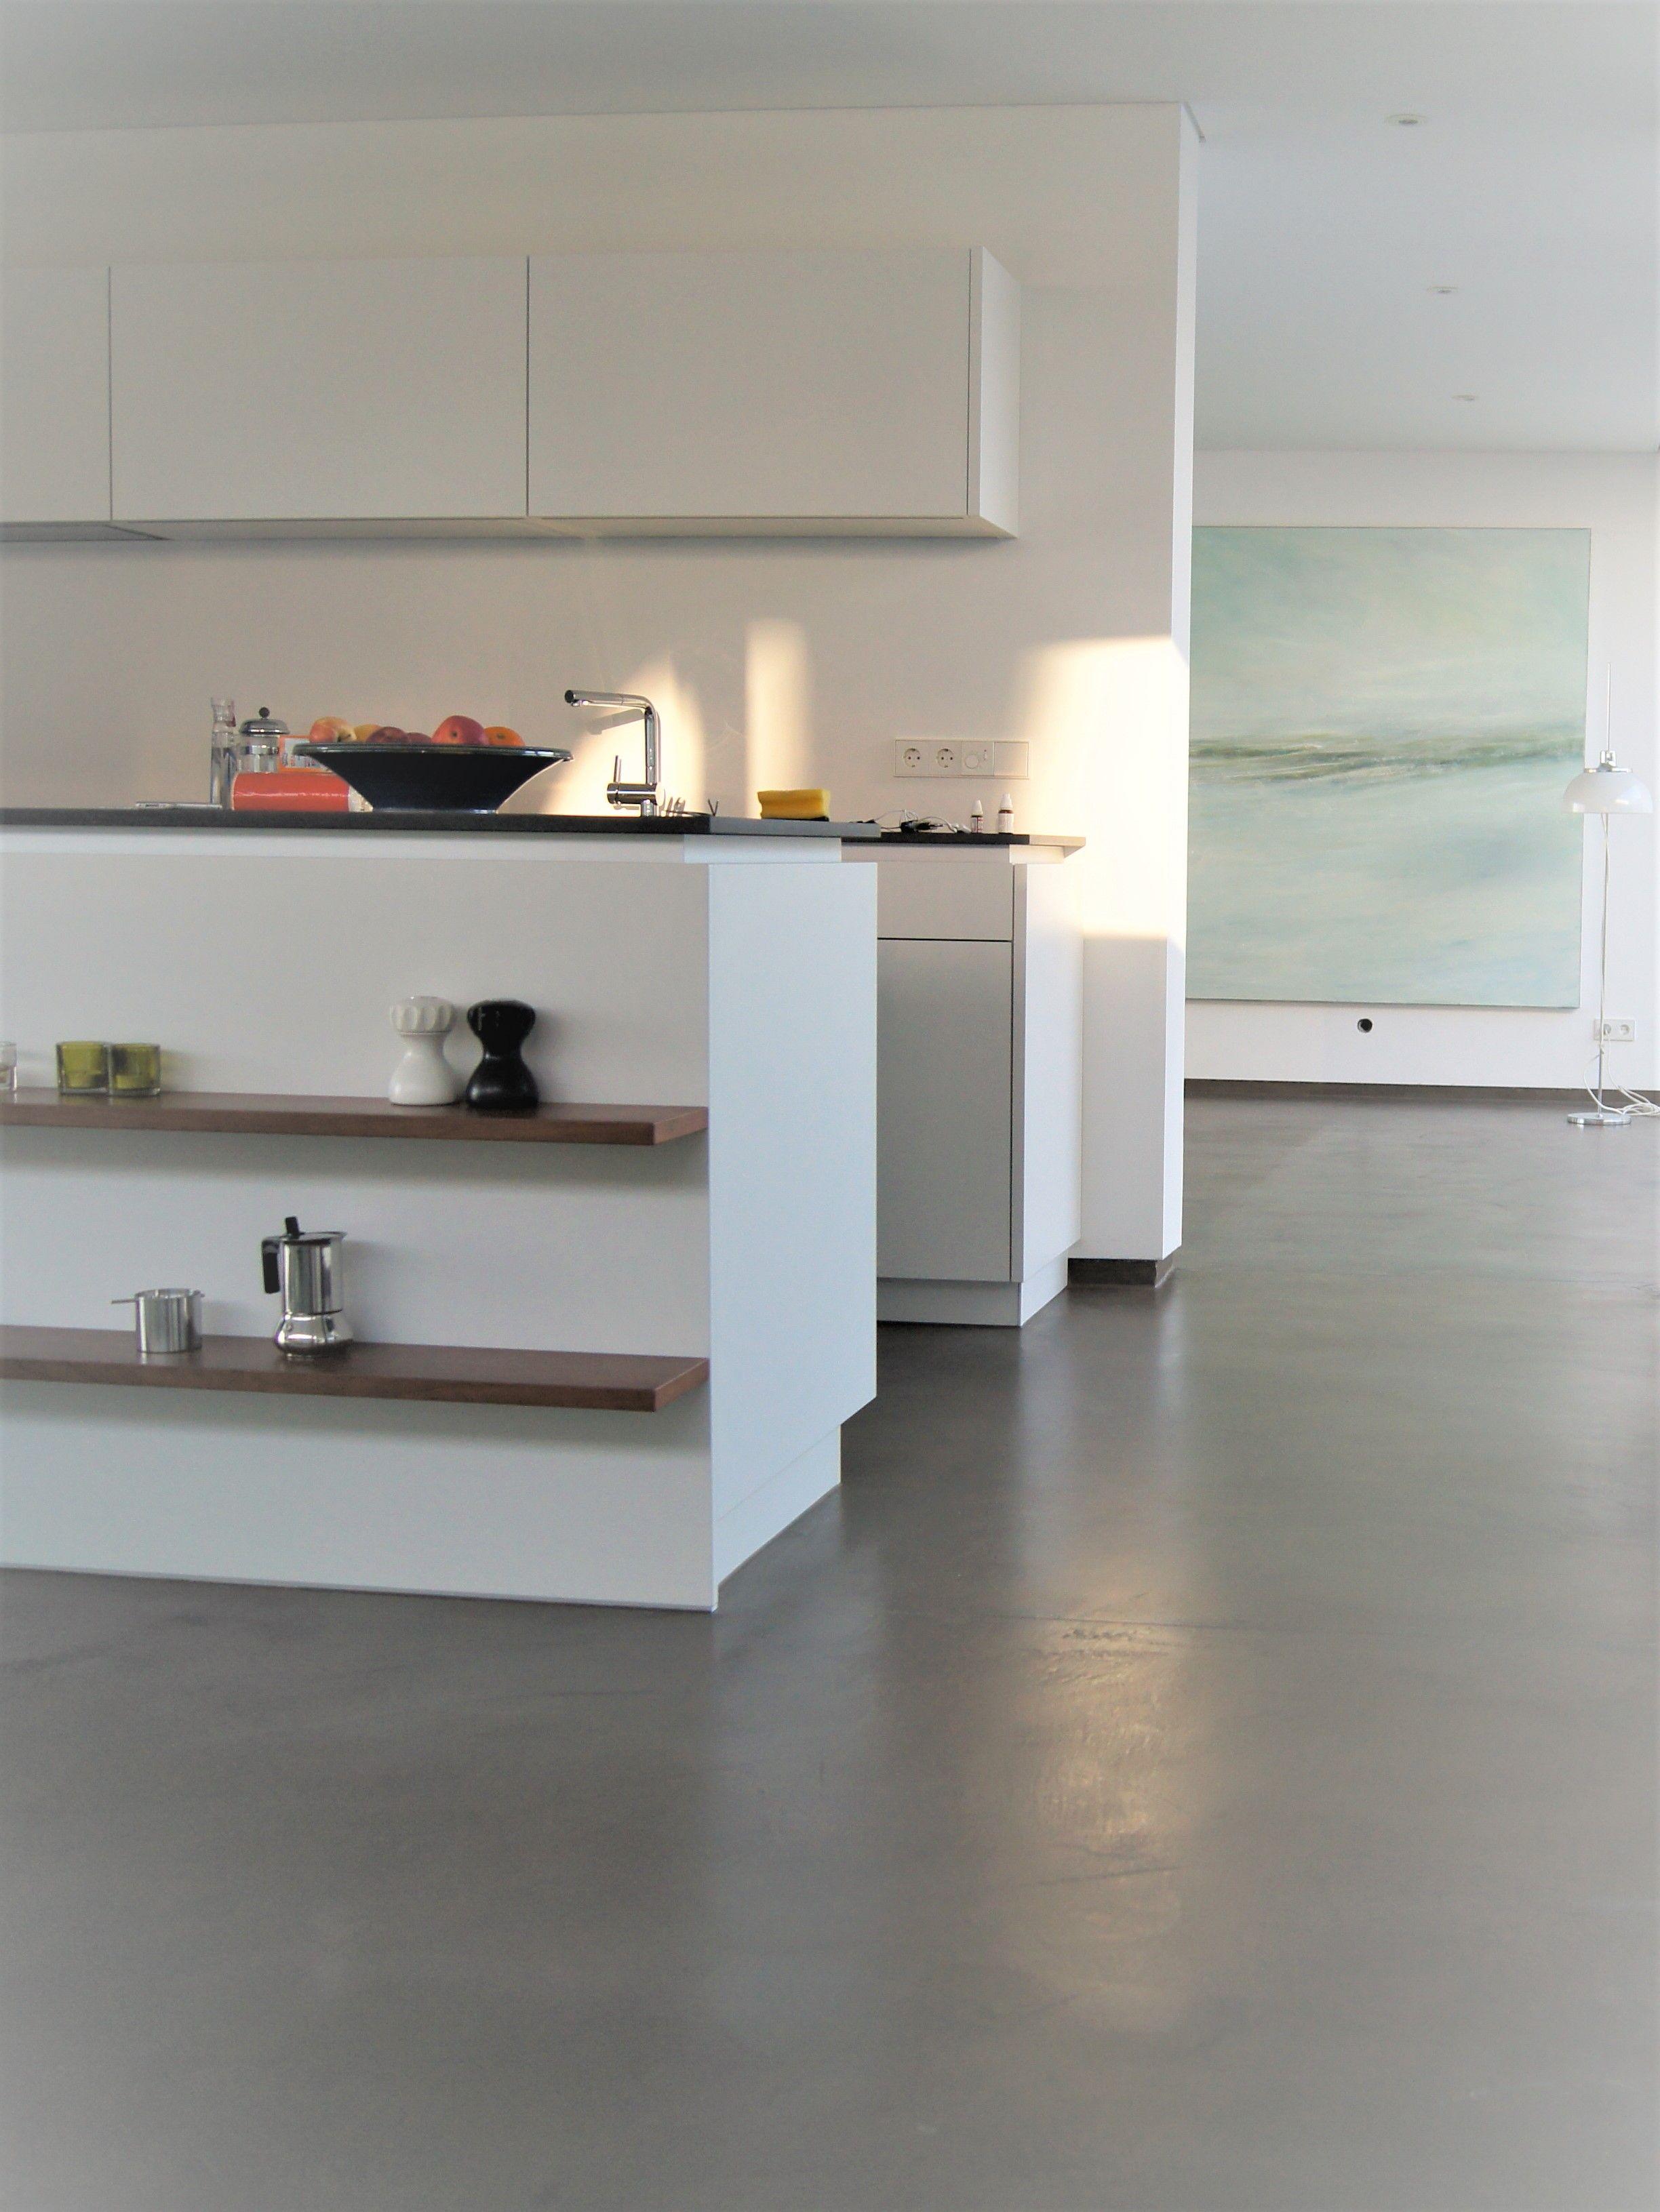 Kuchenboden Fugenlos Hygienisch Und Top Modern Aus Gespachtelten Feinen Beton By Fugenlos Modern De Kuche Betonoptik Haus Kuchen Kuchenboden